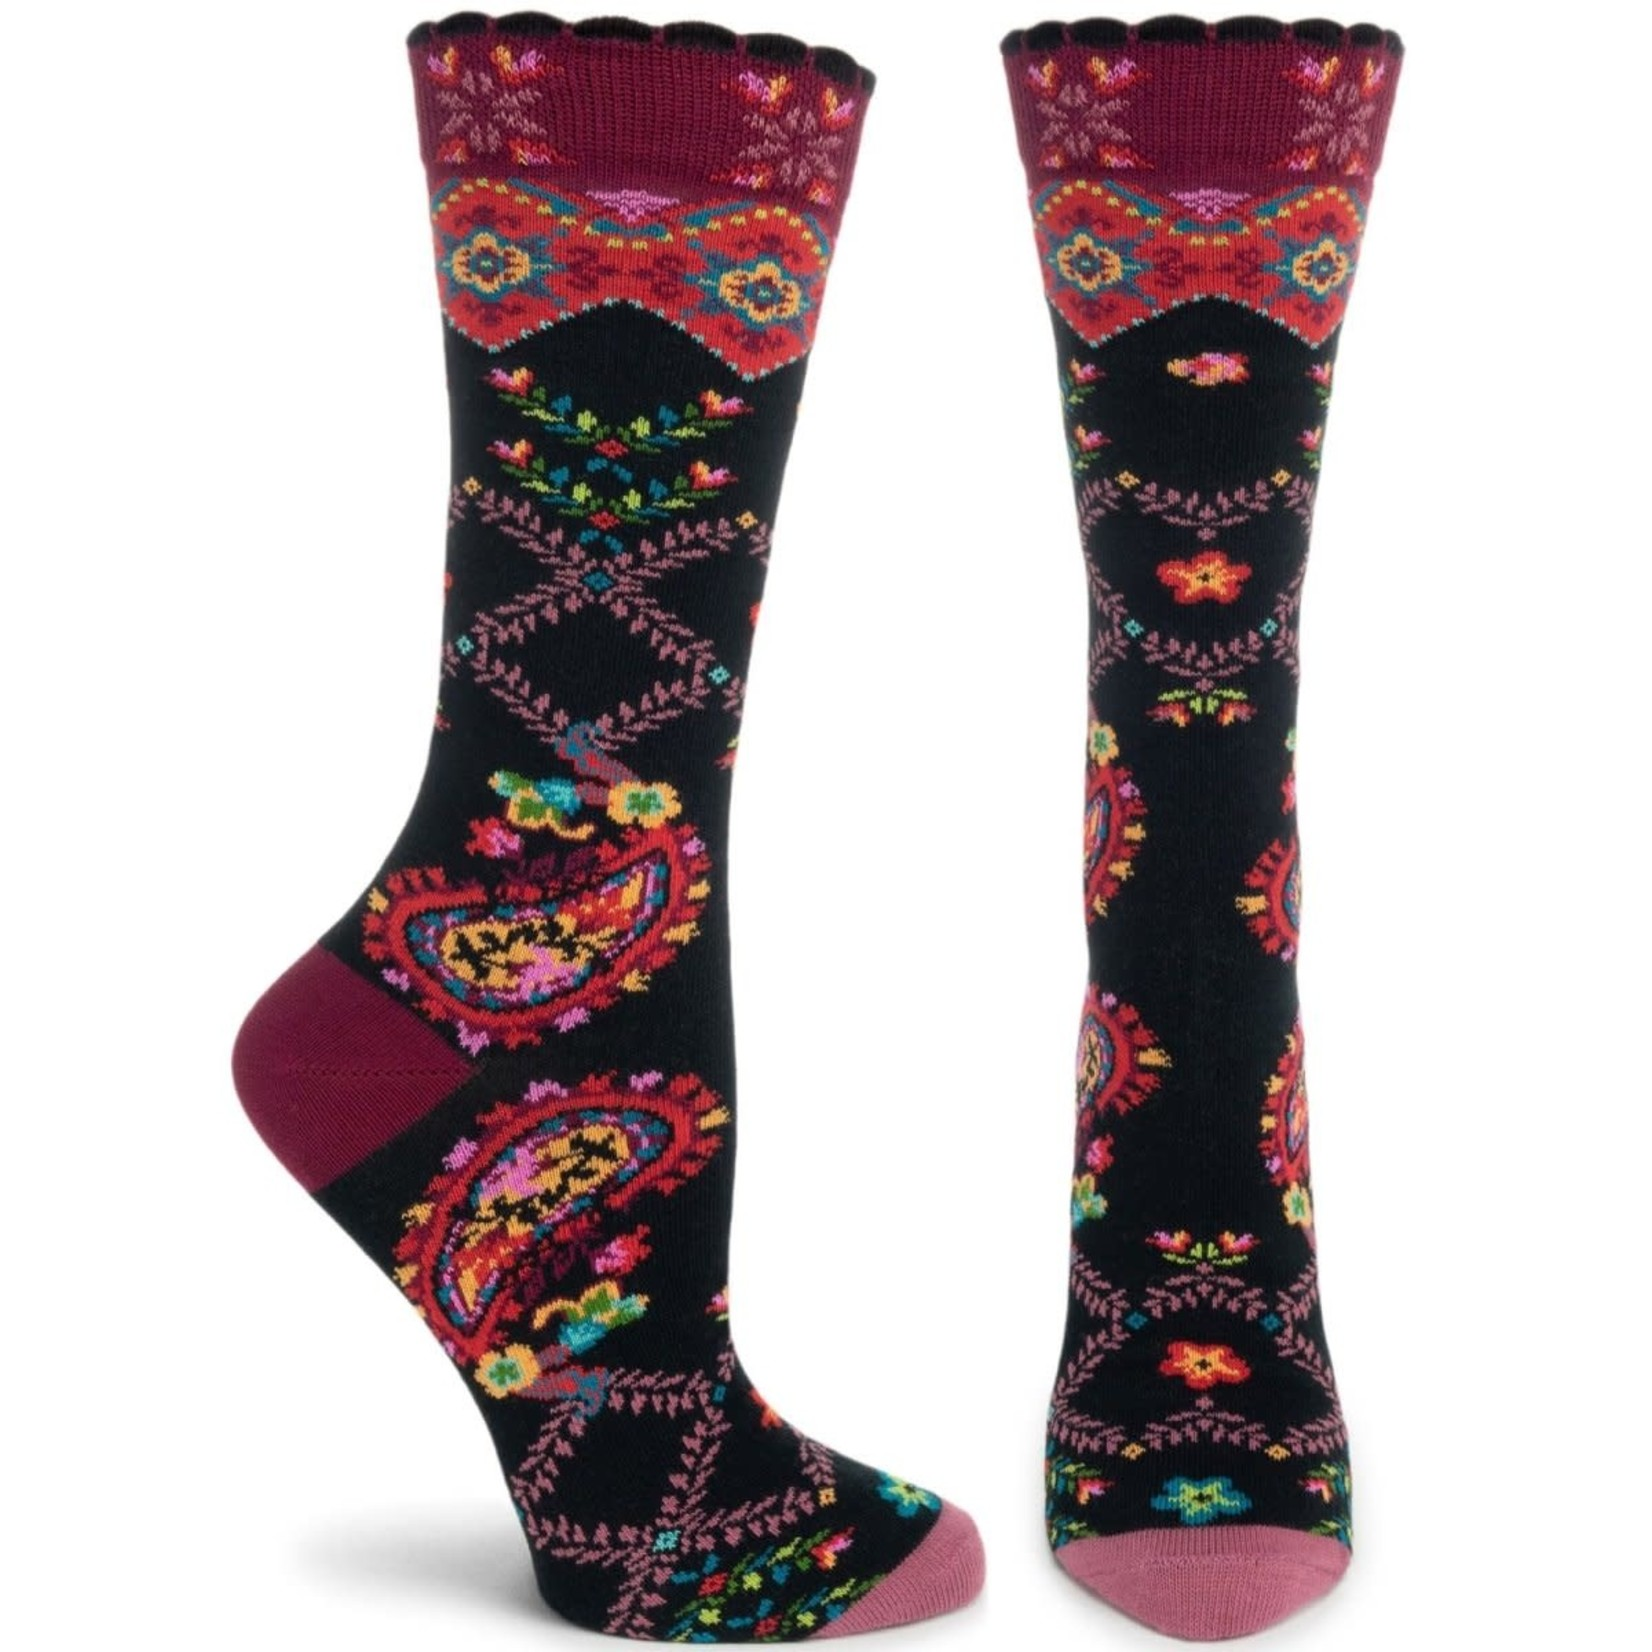 Ozone Socks Paisley Posy Socks in Black